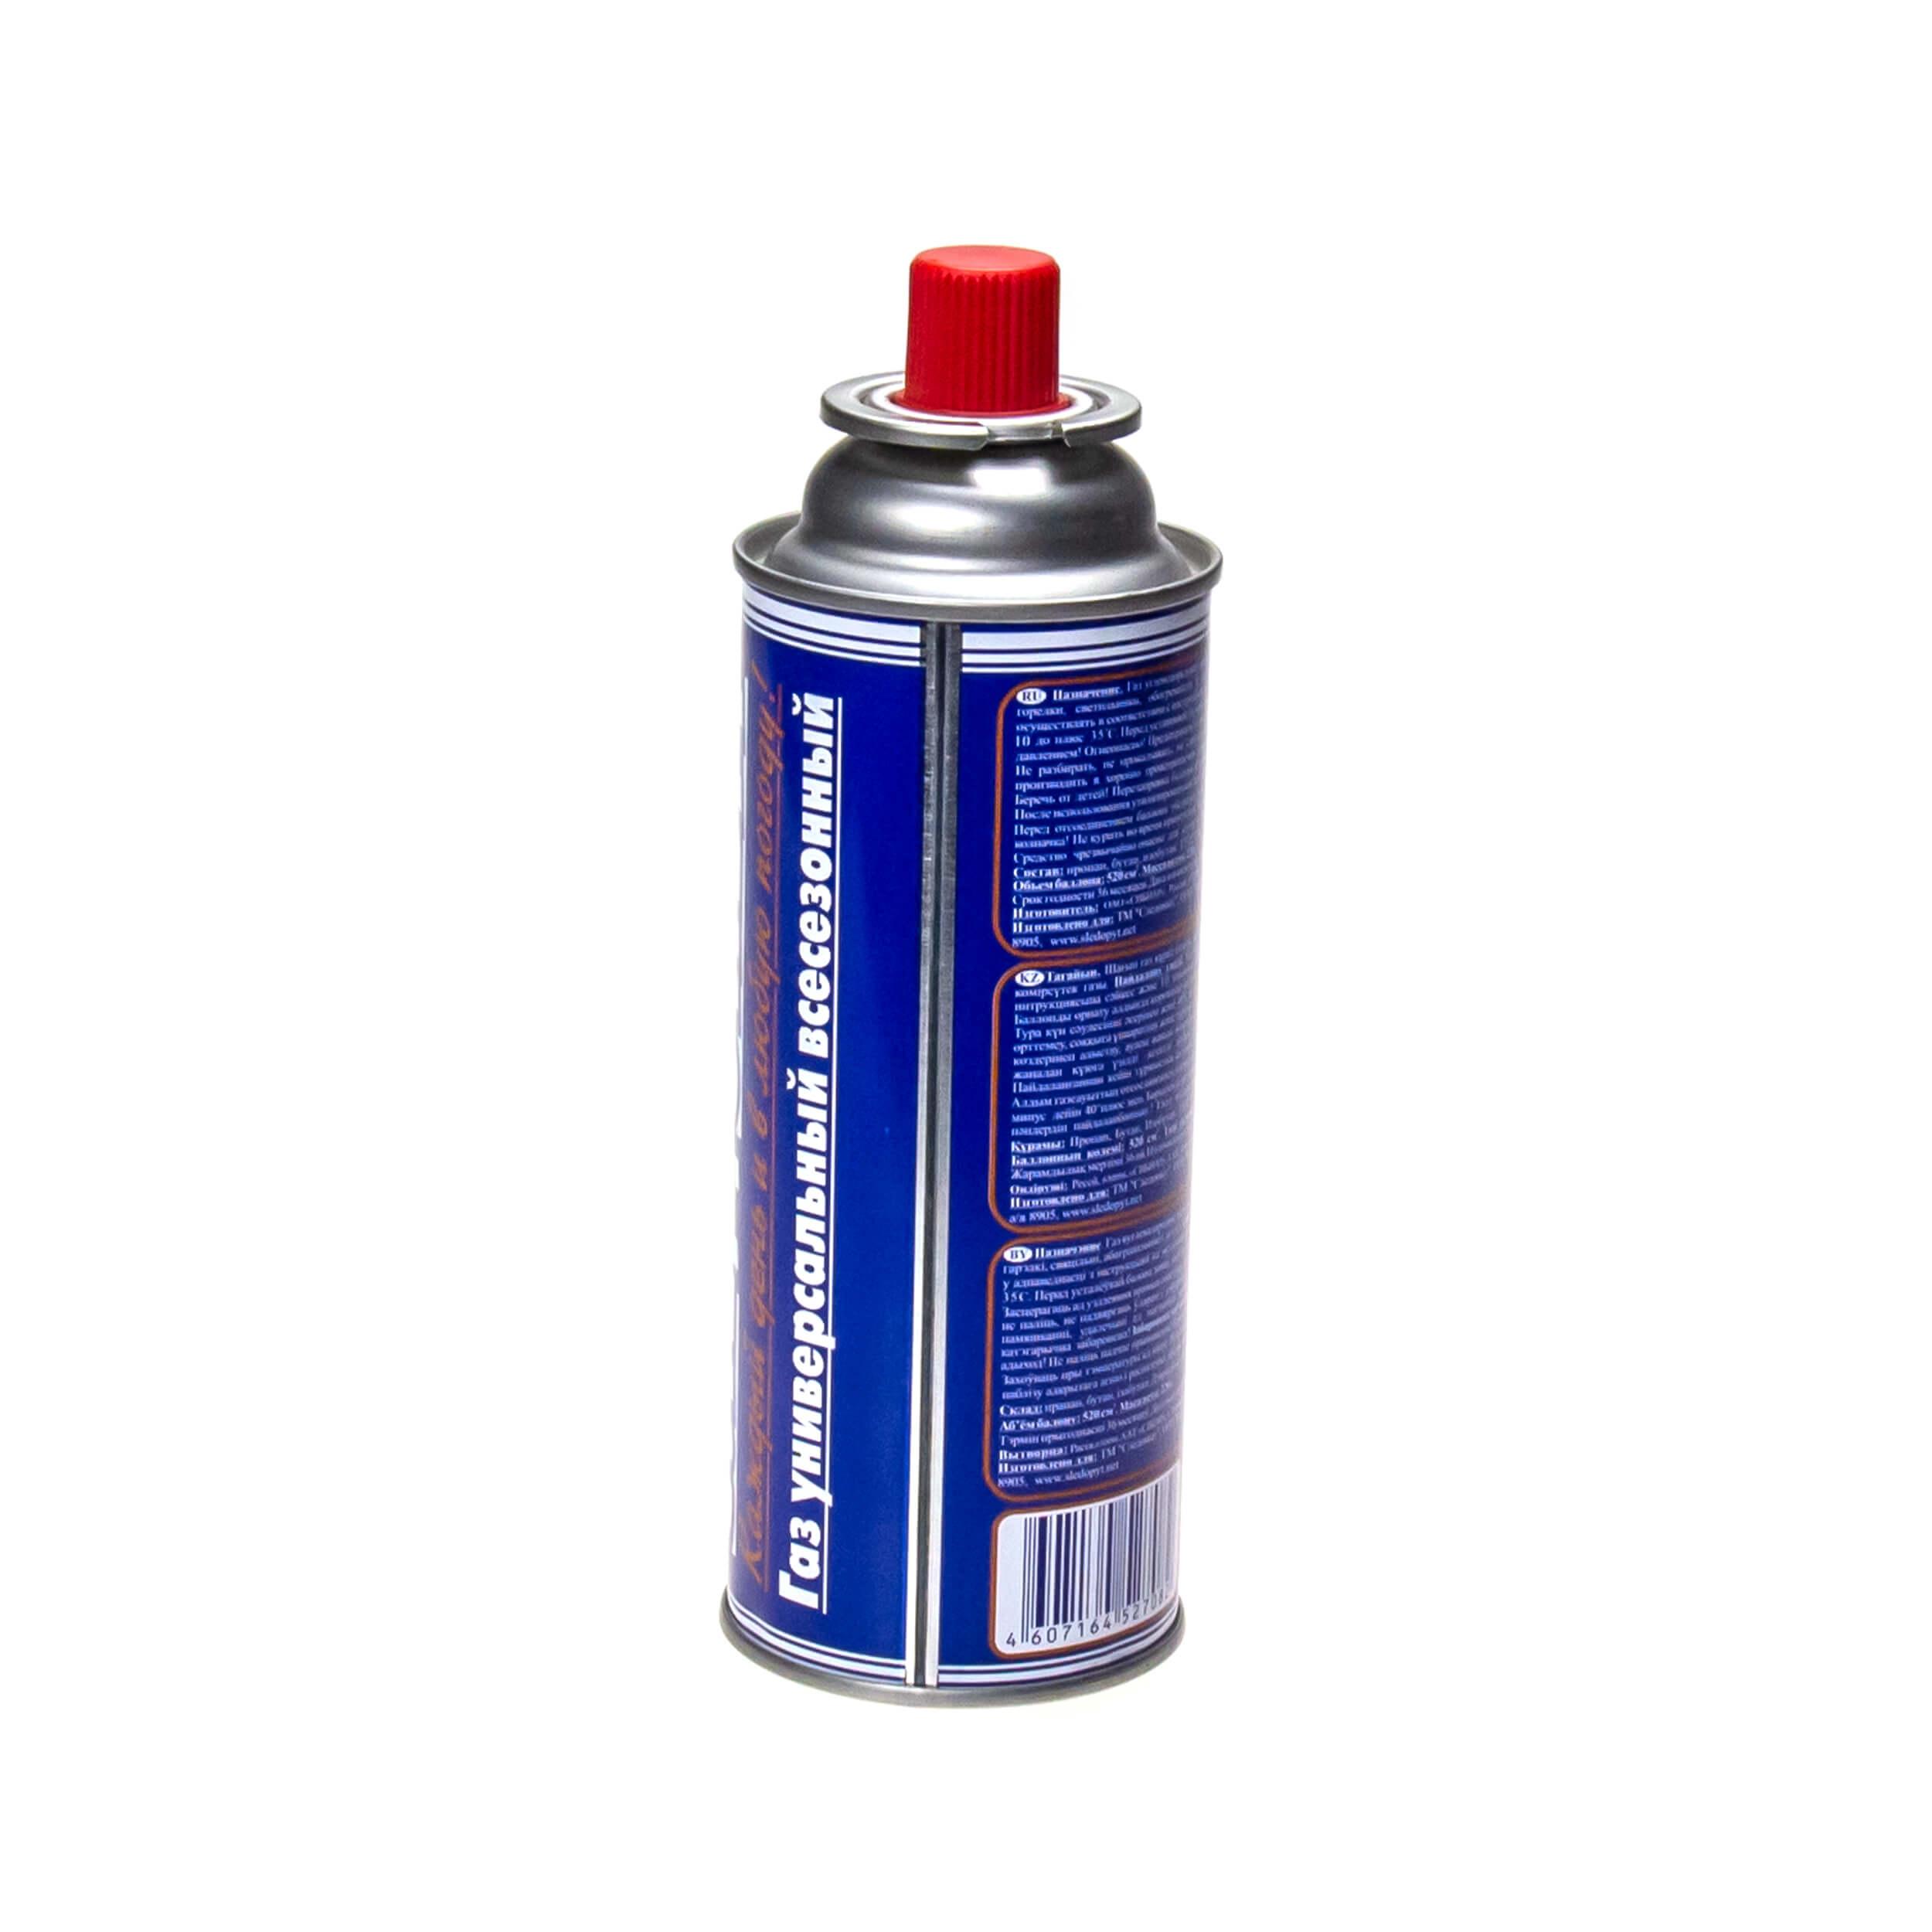 Газовый баллон для горелок (520 см3) фото